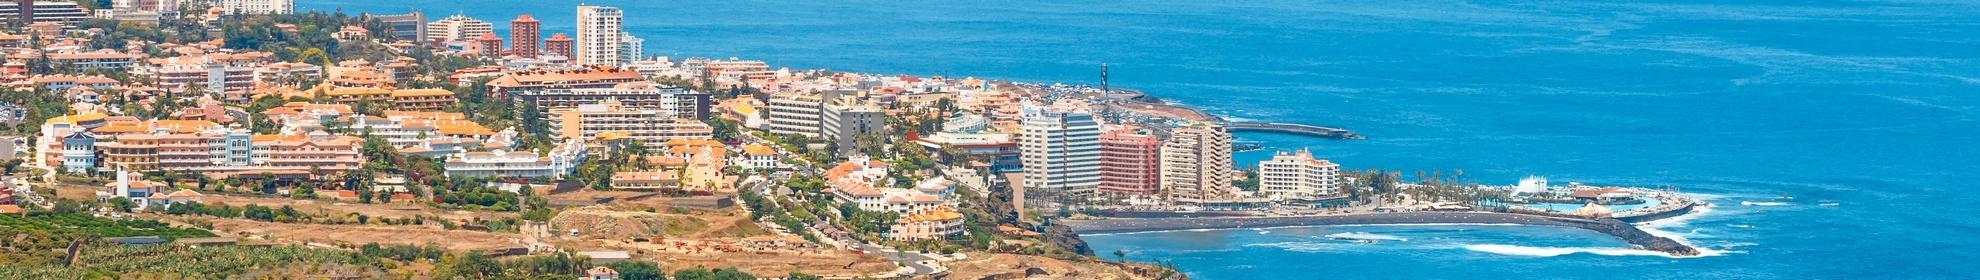 Tenerife ving puerto de la cruz spara p boende i puerto de la cruz - Hotel ving puerto de la cruz ...